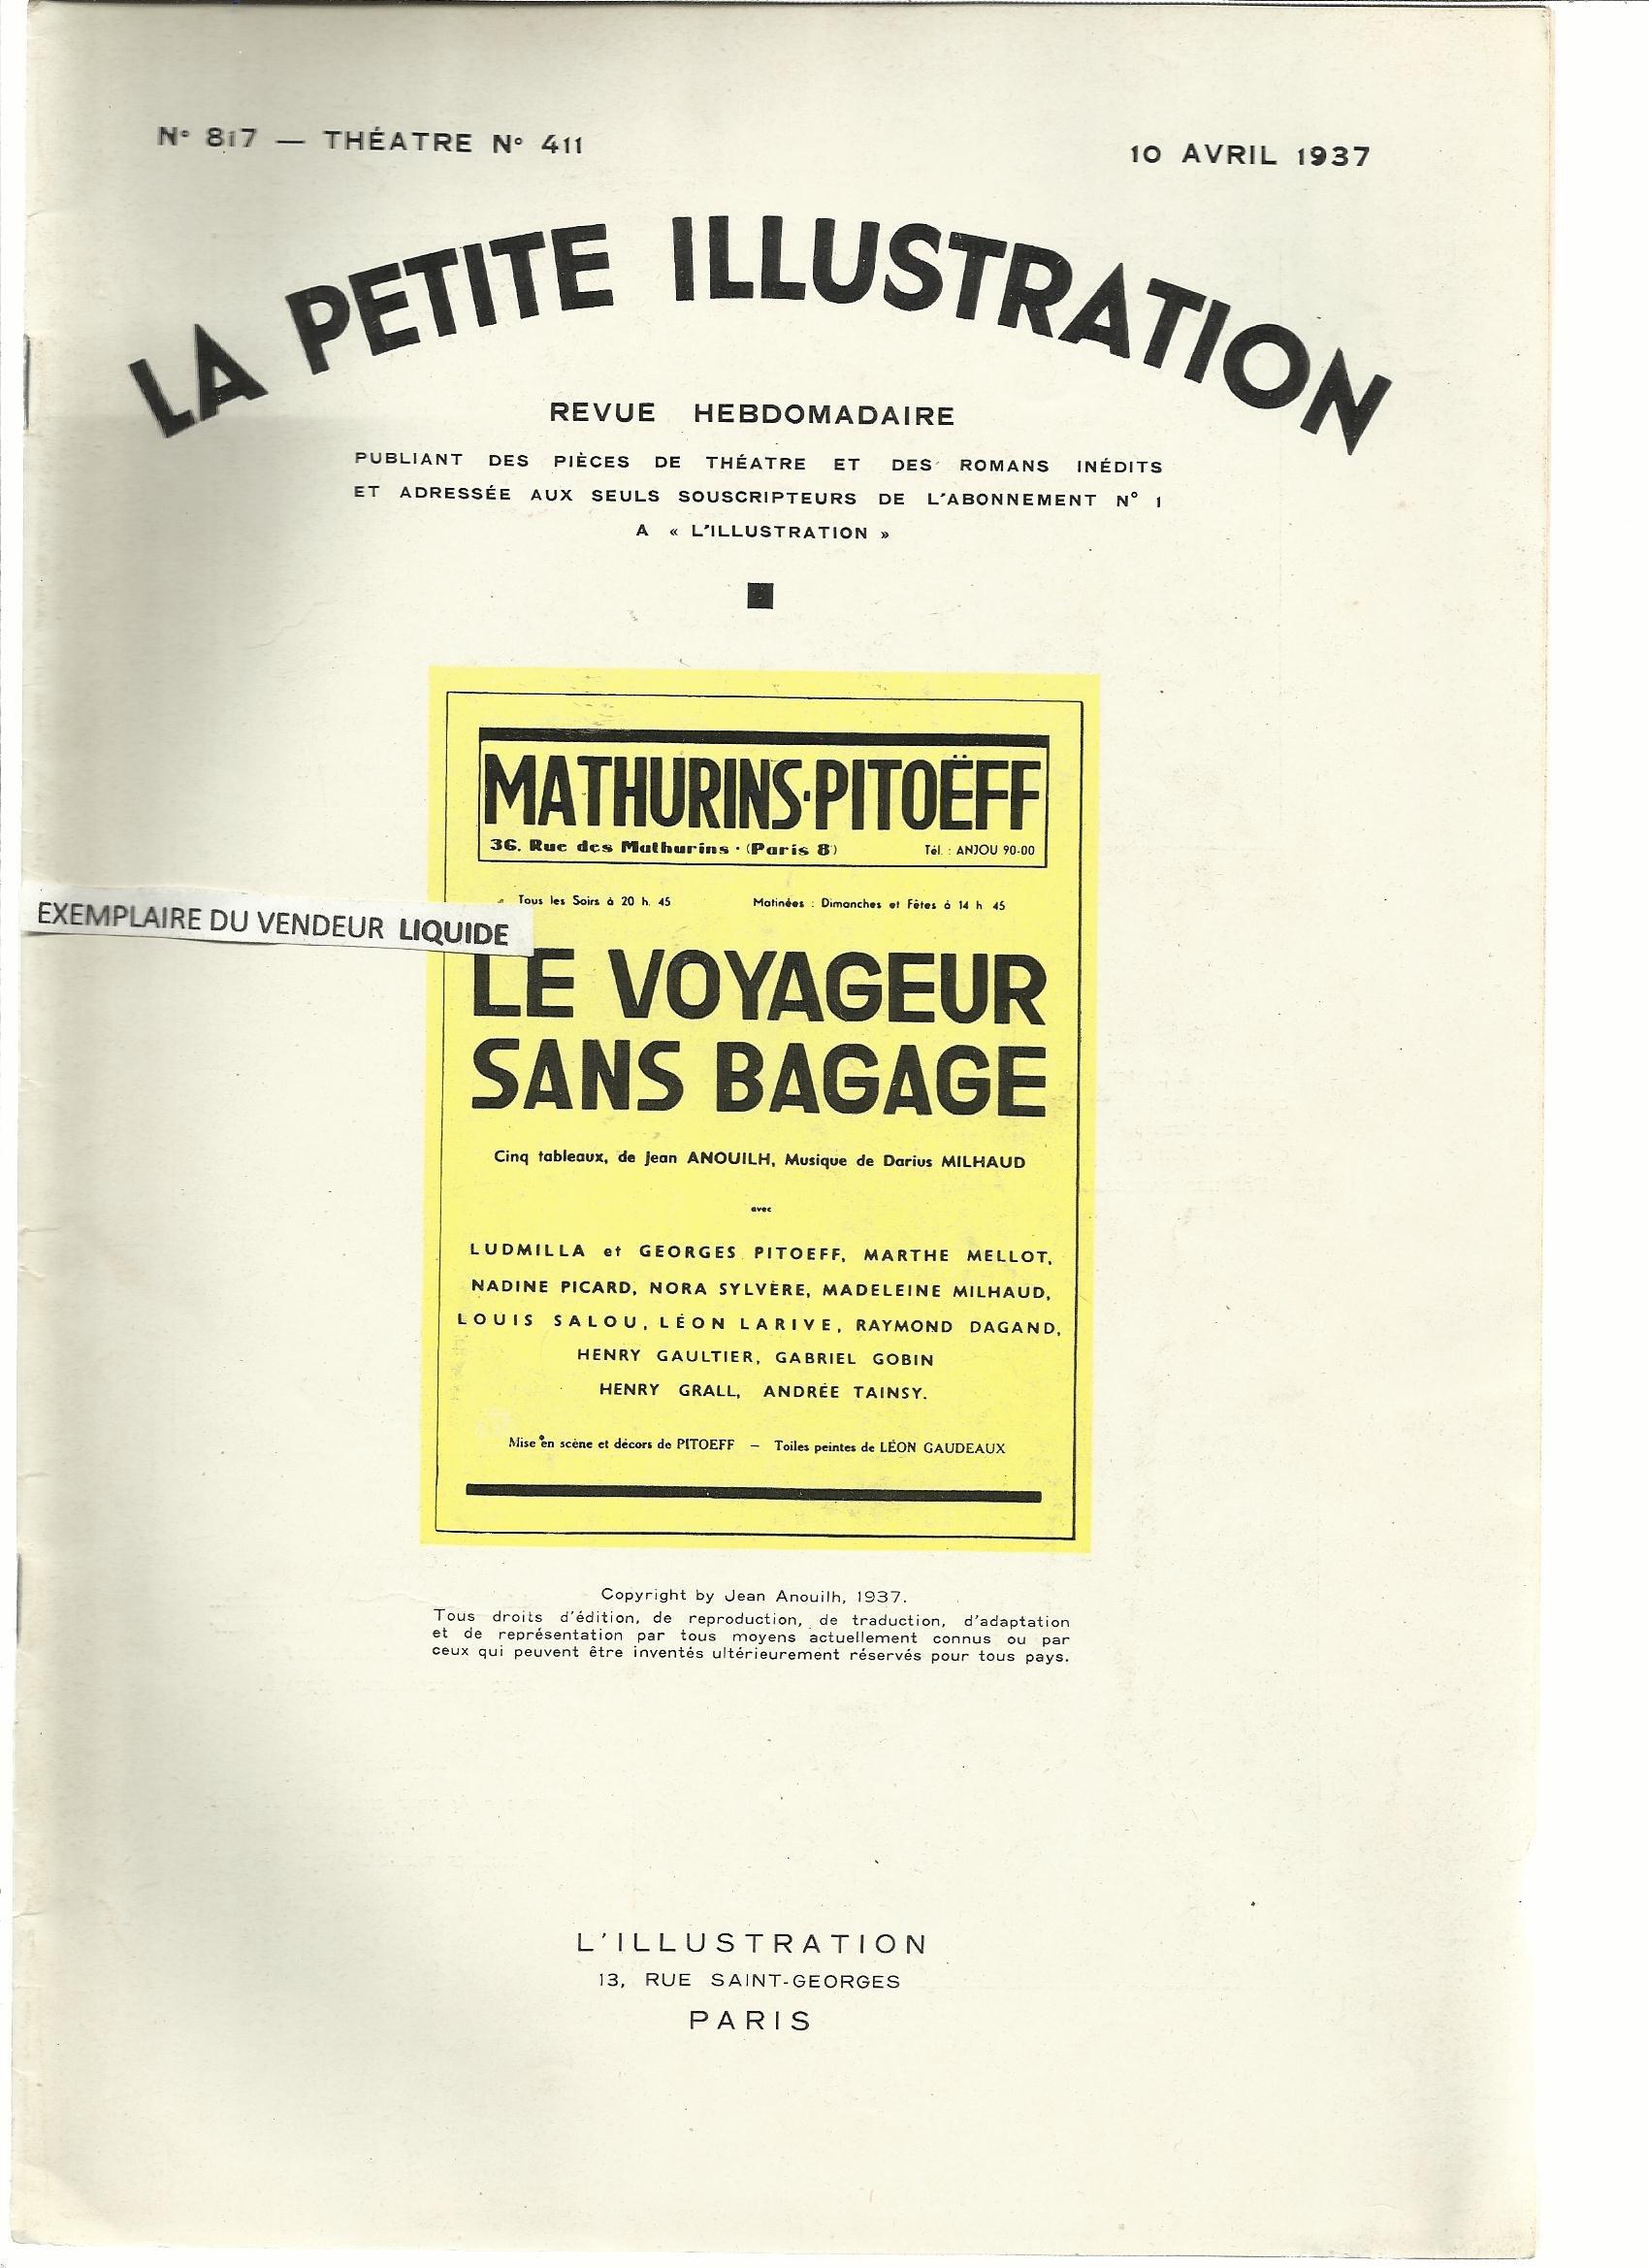 le voyageur sans bagage tableau 2